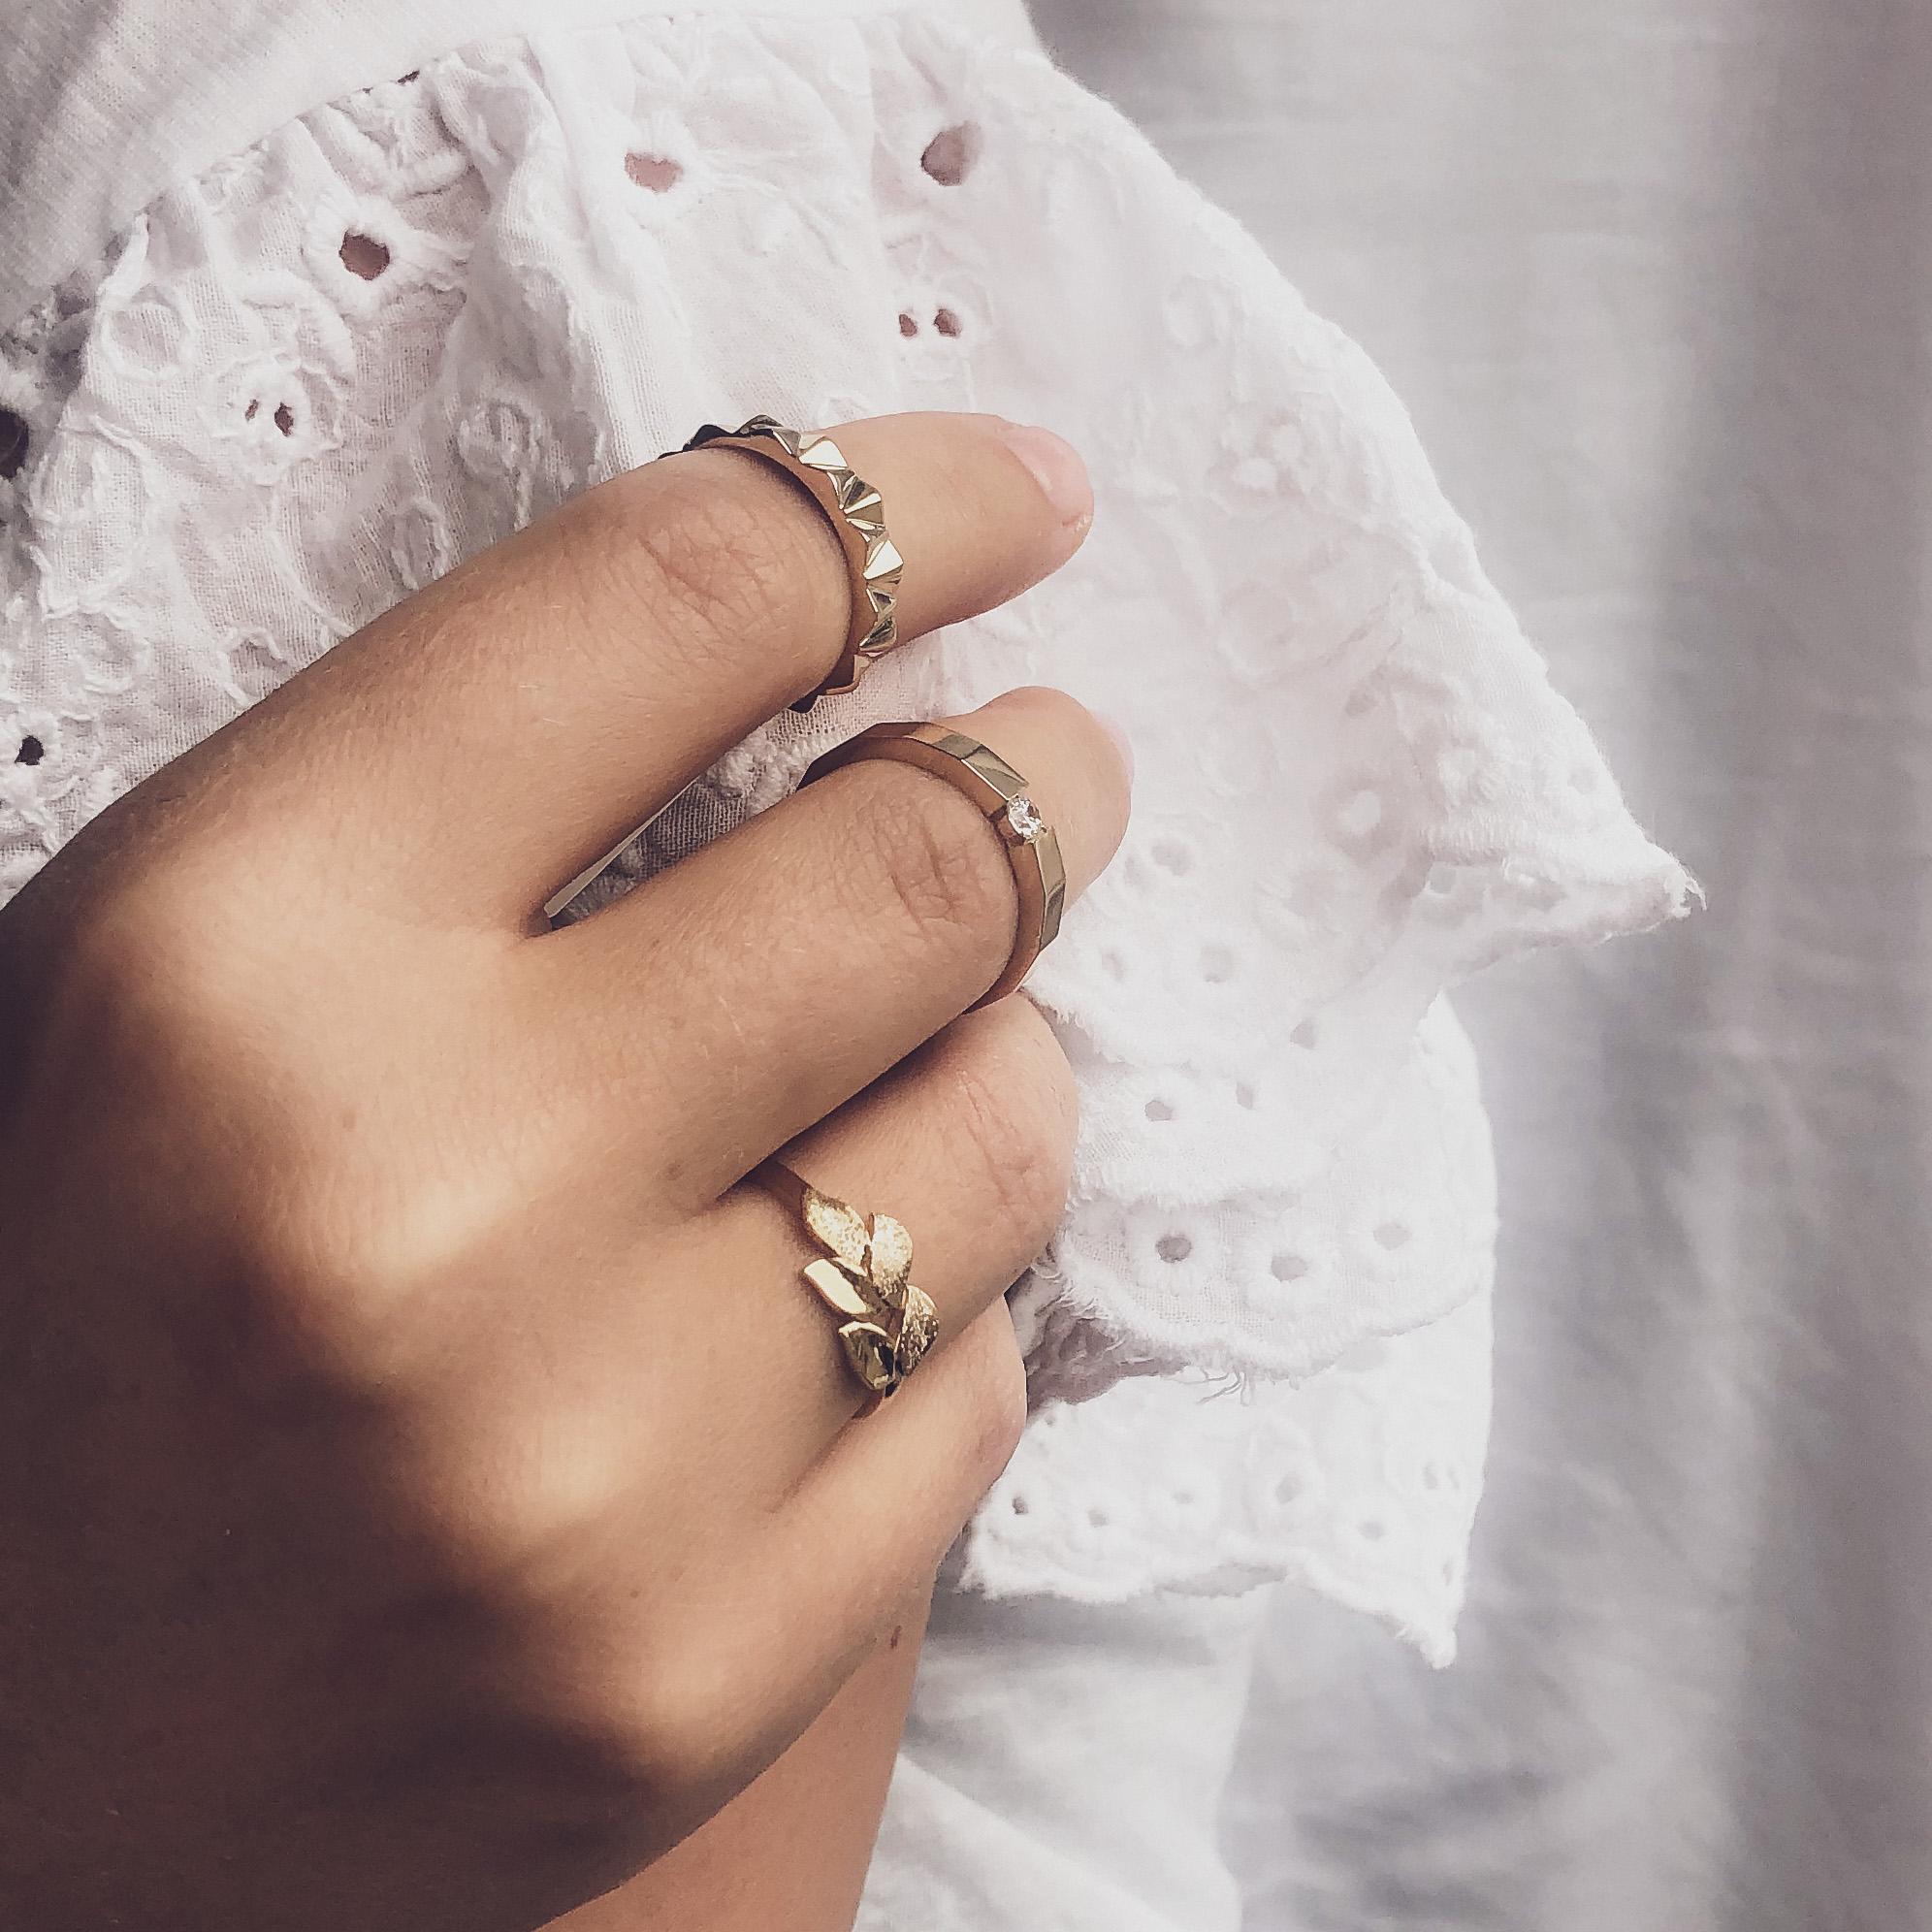 Goud- zilver- sieraden- ringen- oorbellen-hanger-kettingen-briljant. Wolters-Juweliers-Coevorden-Emmen-Hardenberg